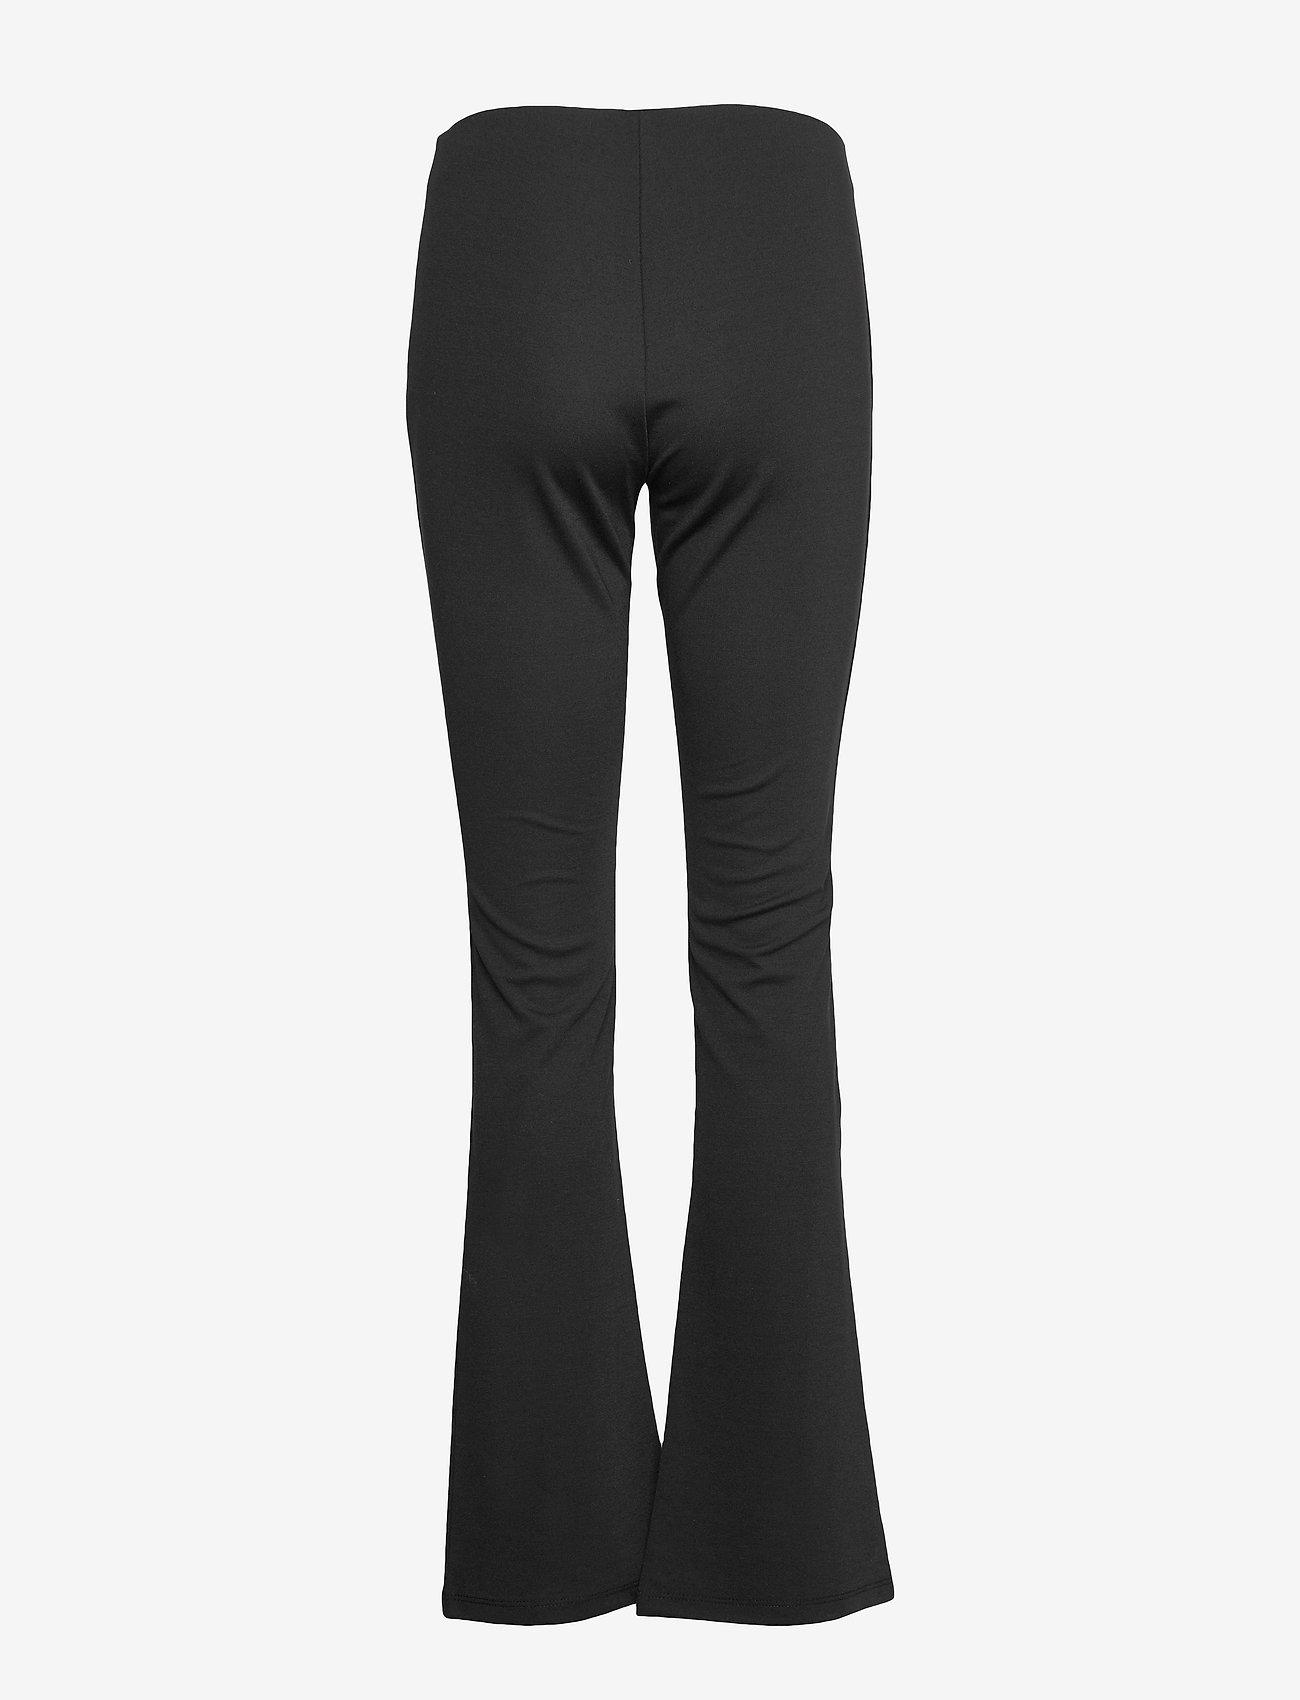 Saint Tropez Udessasz Pants - Byxor Black